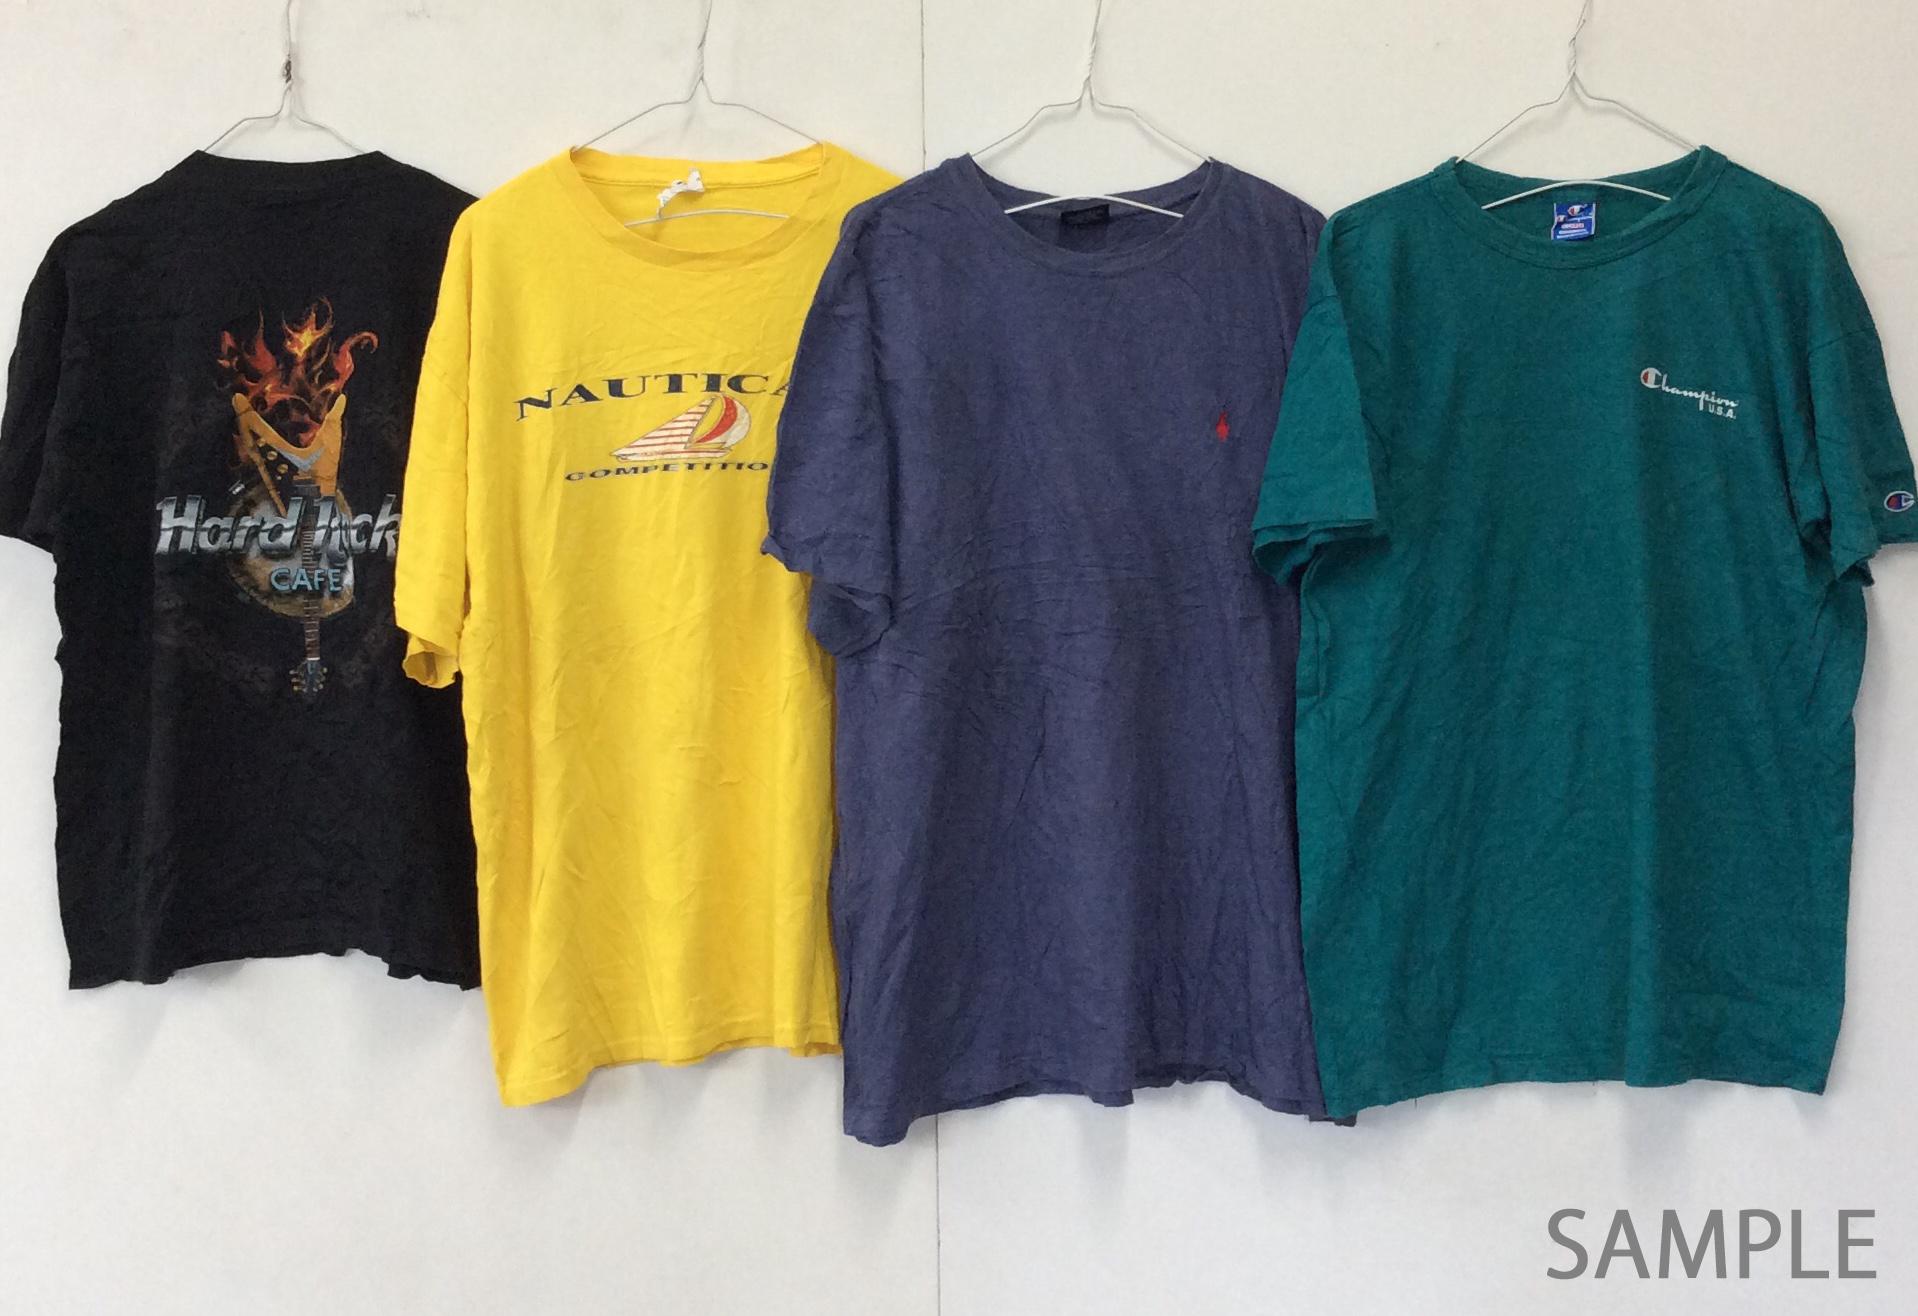 【受注生産】【半袖Tシャツ レギュラーサイズ】 S - M - L 100lbs=45.3kg アメリカ古着 ベール 送料無料 まとめ売り 福袋 業販 古着卸 アメカジ USA輸入 ブランド セット アソート リメイク素材 メンズ レディース ユニセックス ヴィンテージ プリントT